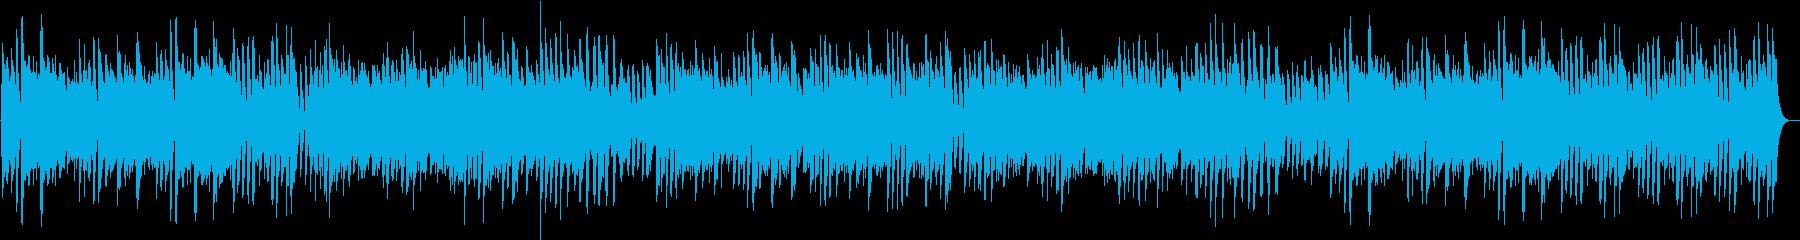 ワンパクに動くリズムが楽しいピアノBGMの再生済みの波形